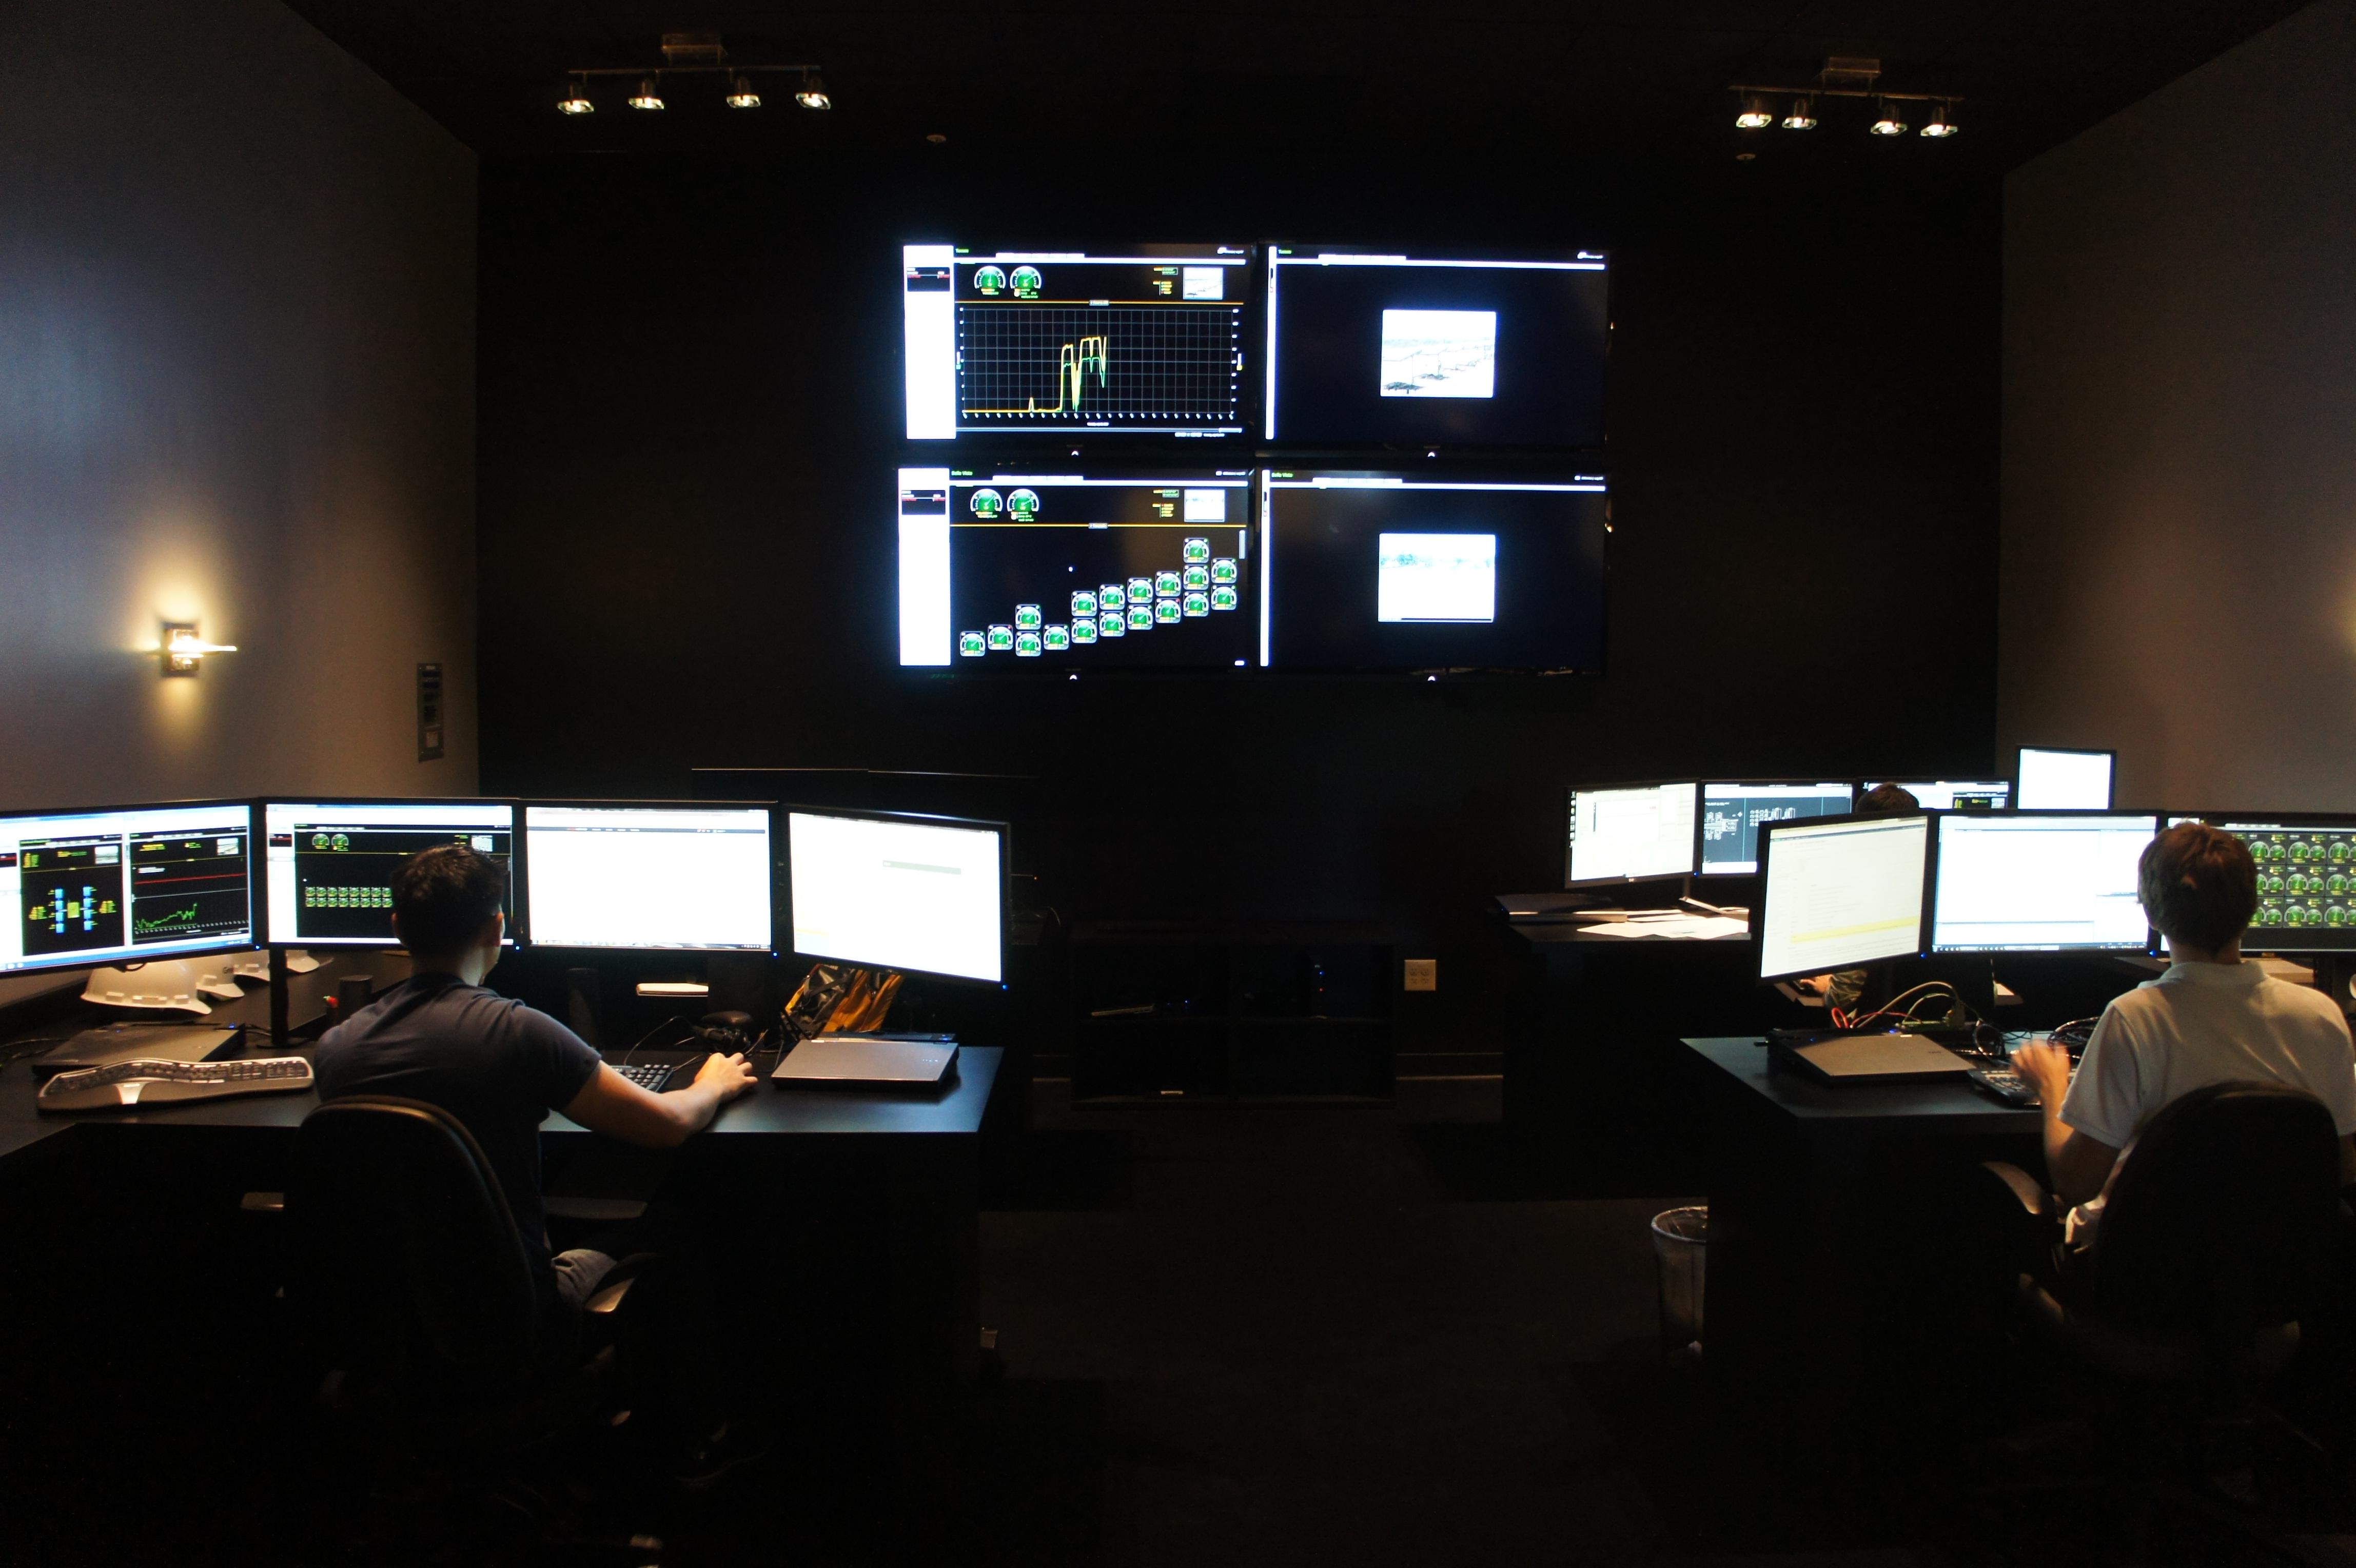 Control and monitoring center at GreenVolts